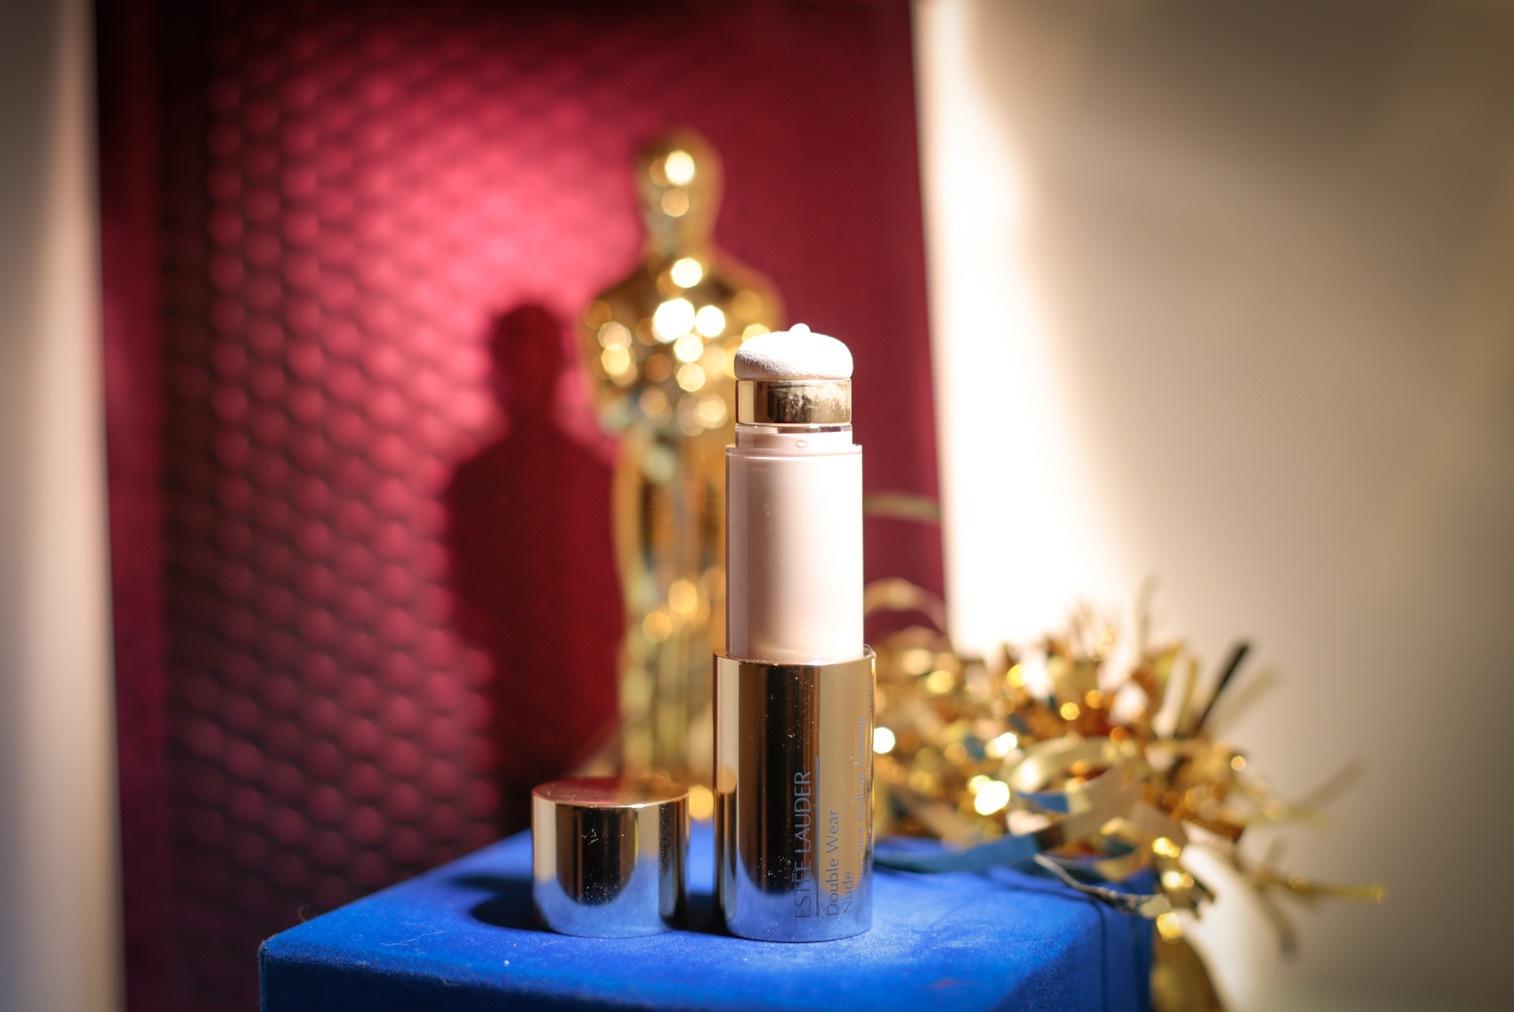 Bra färger i smart förpackning, Estée Lauder har lyckats skapa en modern foundation